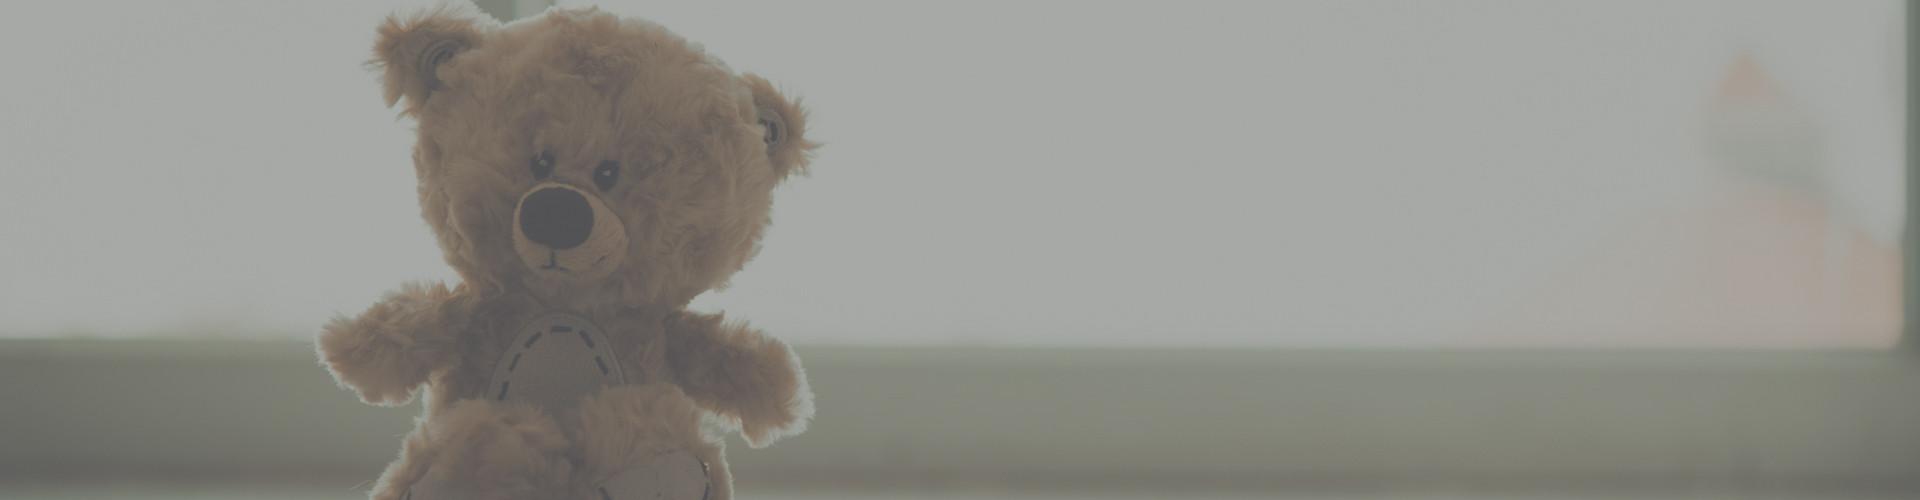 psicologos-prevencion-recursos-herramientas-indicadores-ayuda-abuso-sexual-infantil--pedofilia-pedofilos-pederastia-valencia